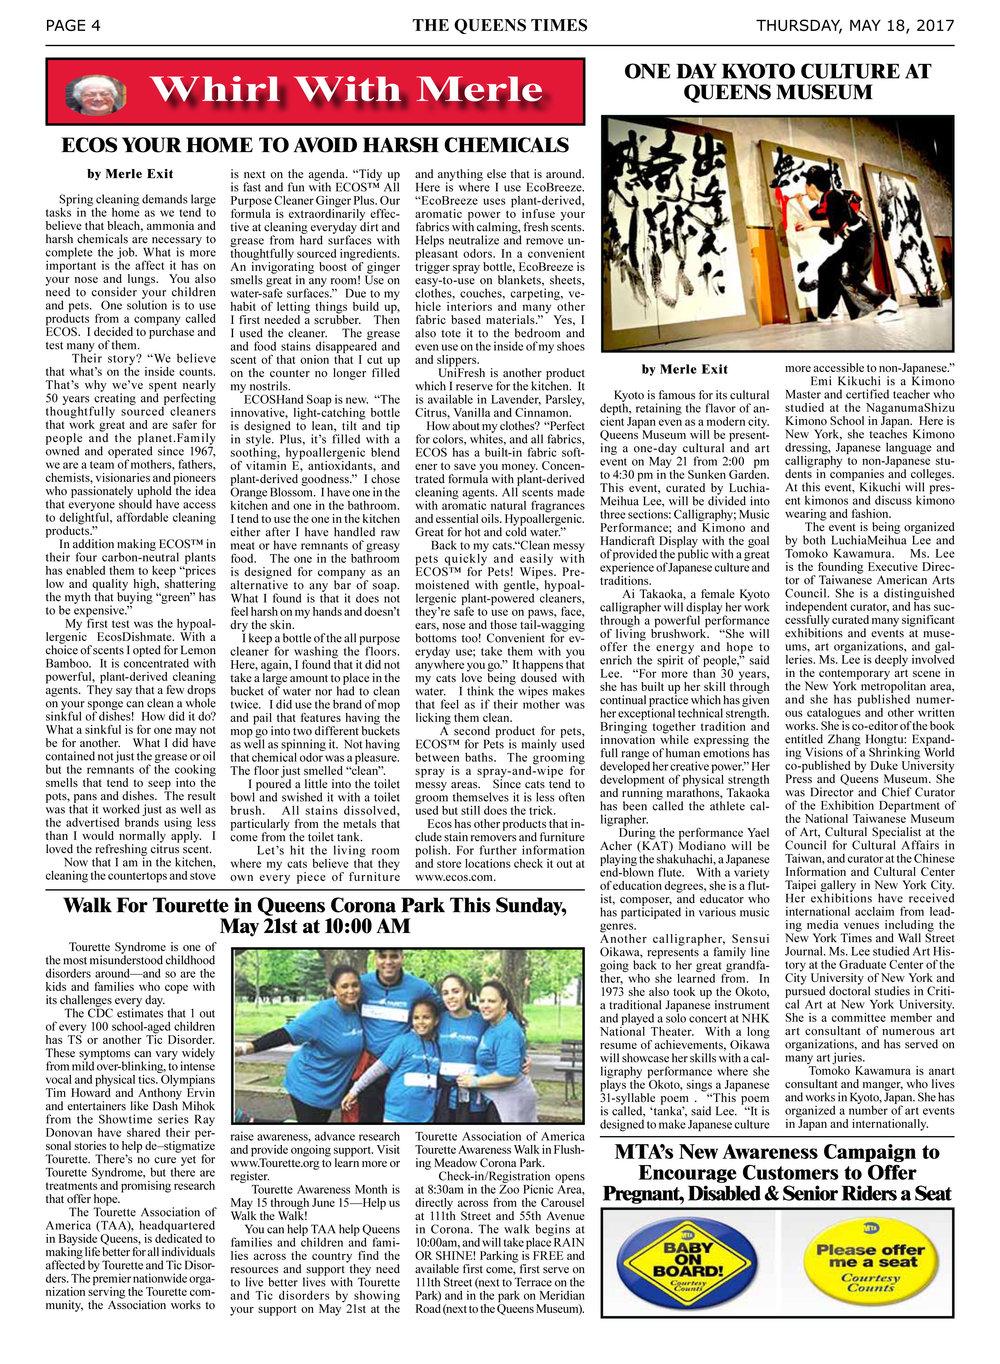 QT-20-17-page 4.jpg